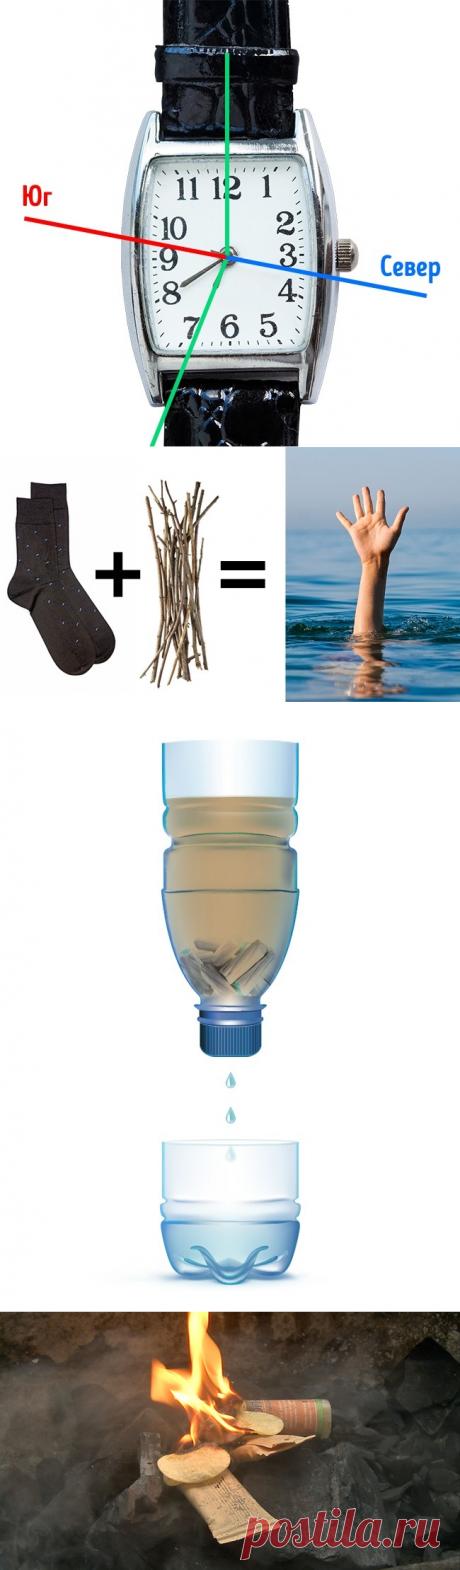 10 простых вещей, которые могут однажды спасти вам жизнь   В темпі життя